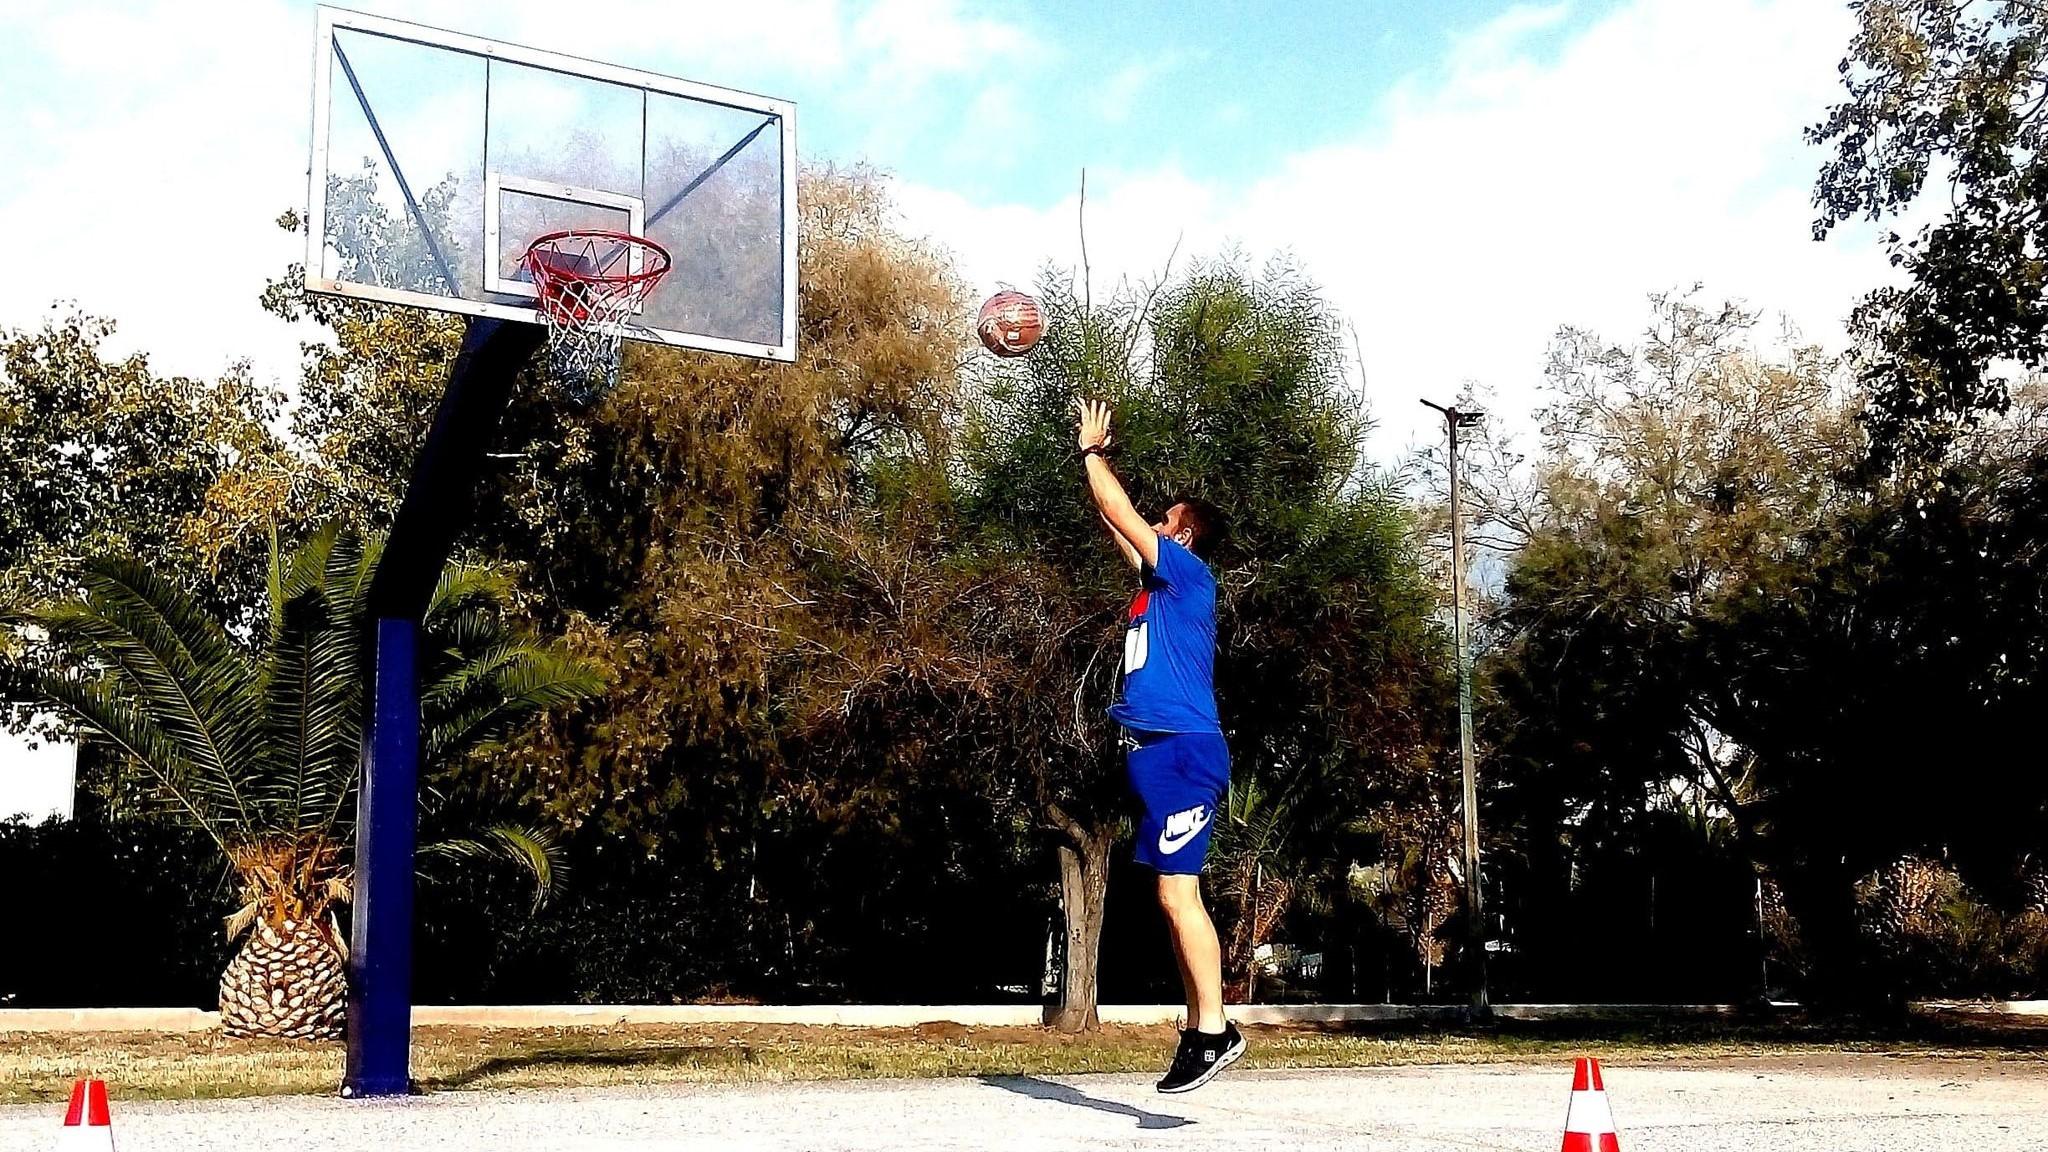 Ατομική προπόνηση χειρισμού μπάλας και σουτ – 2η φάση Lockdown